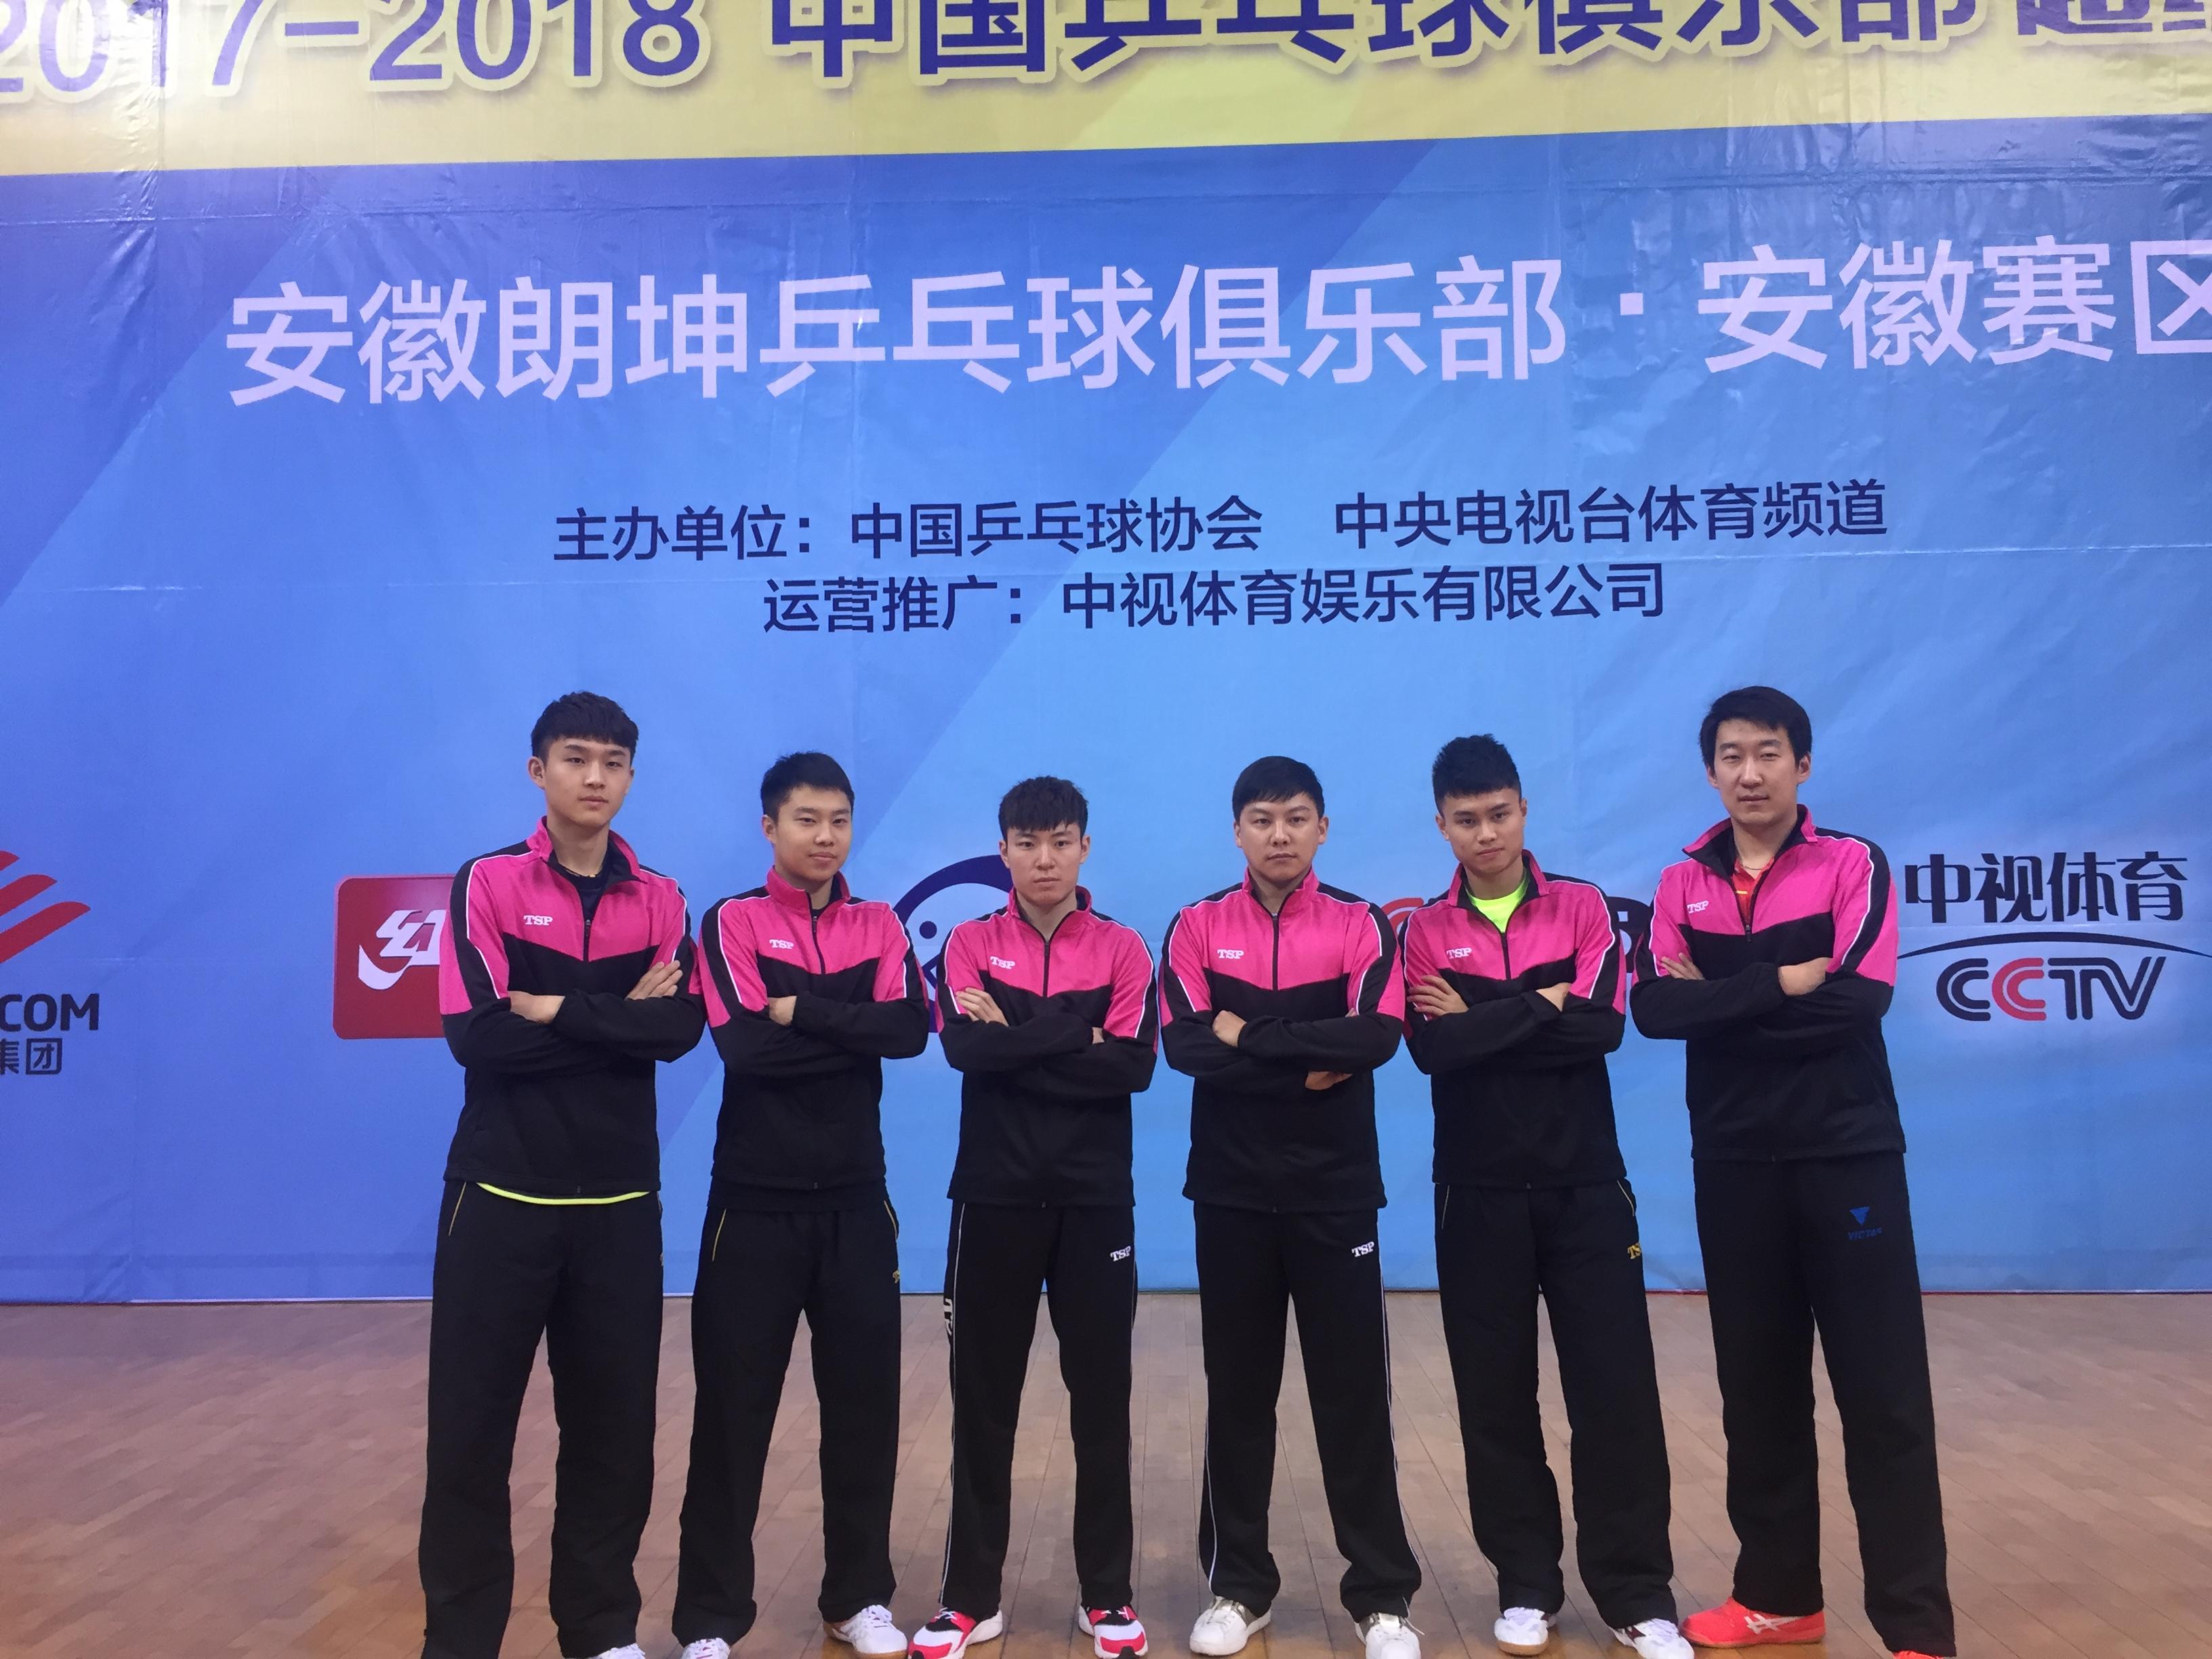 关于2月3日对阵天津权健比赛时间调整 的通知